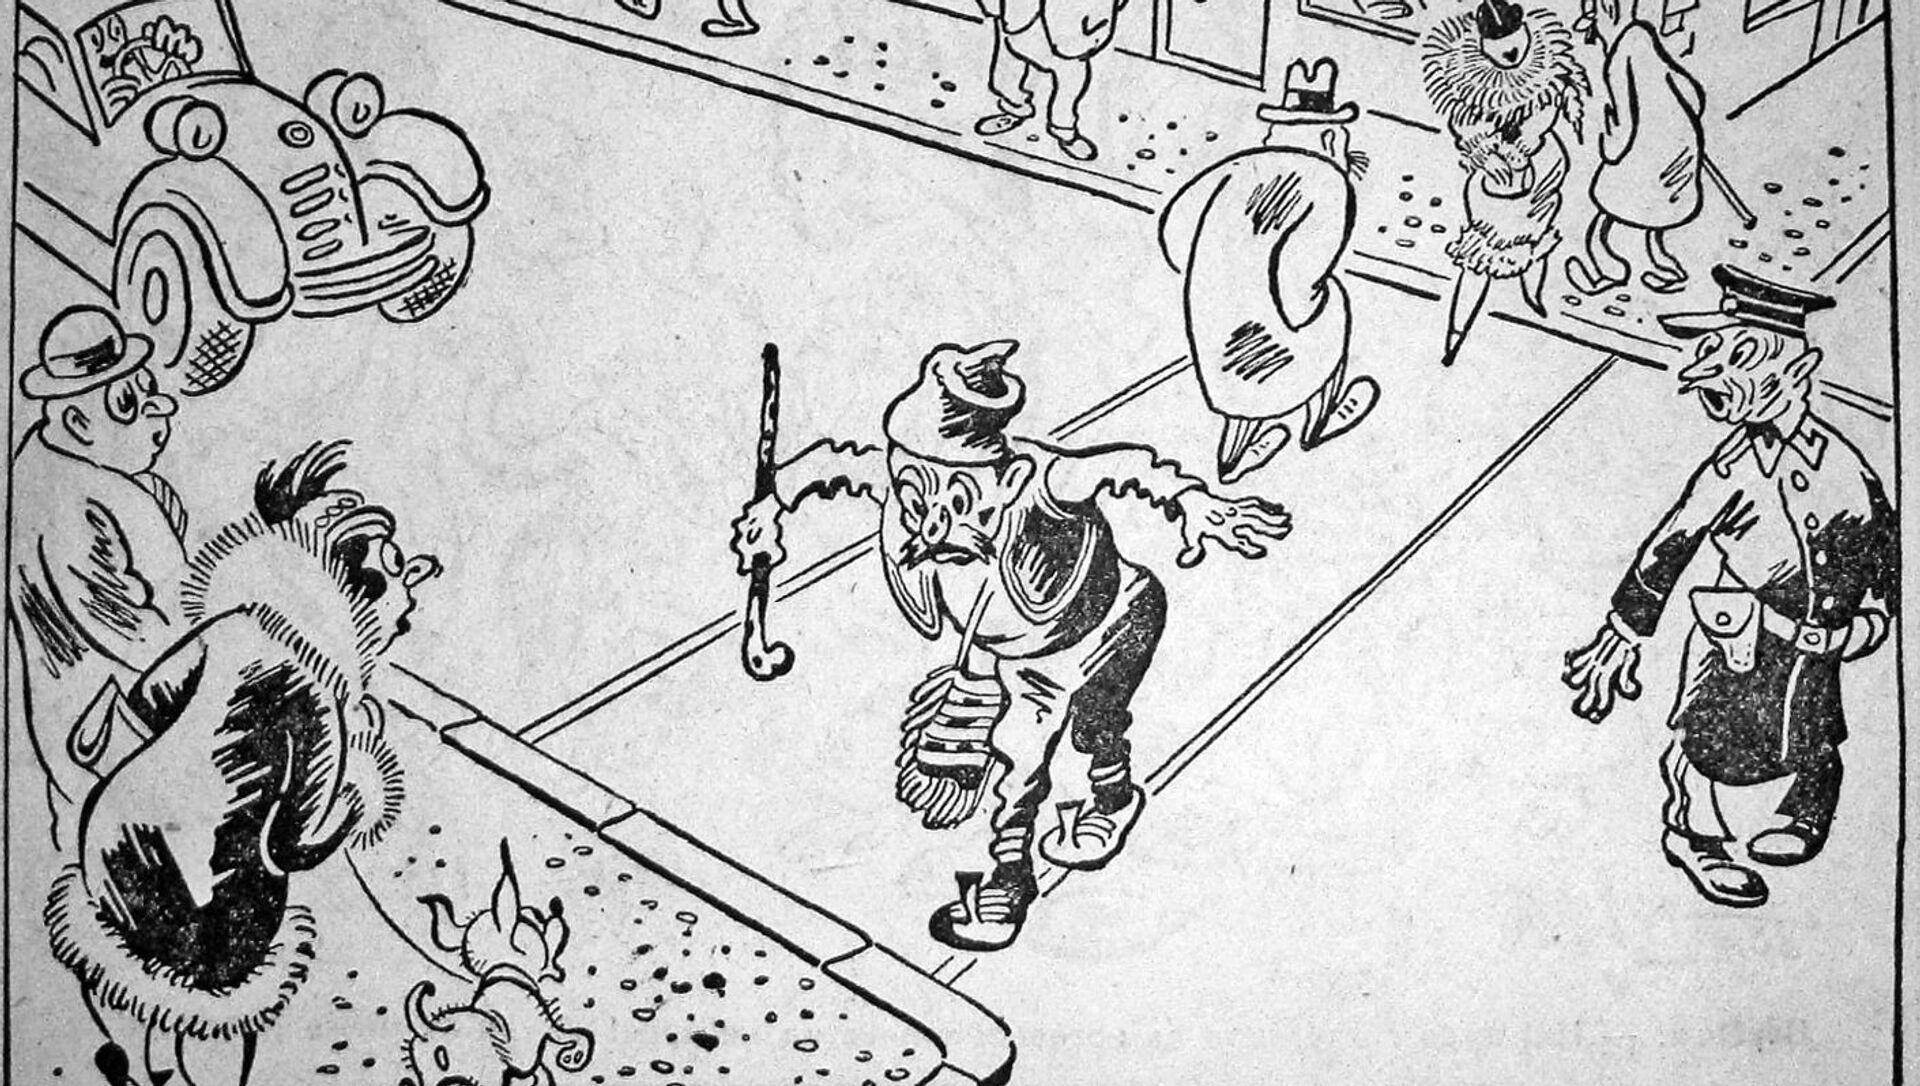 """""""Сељак у карикатури 'Јежа' 1935-1990. године"""" - Sputnik Србија, 1920, 16.02.2021"""